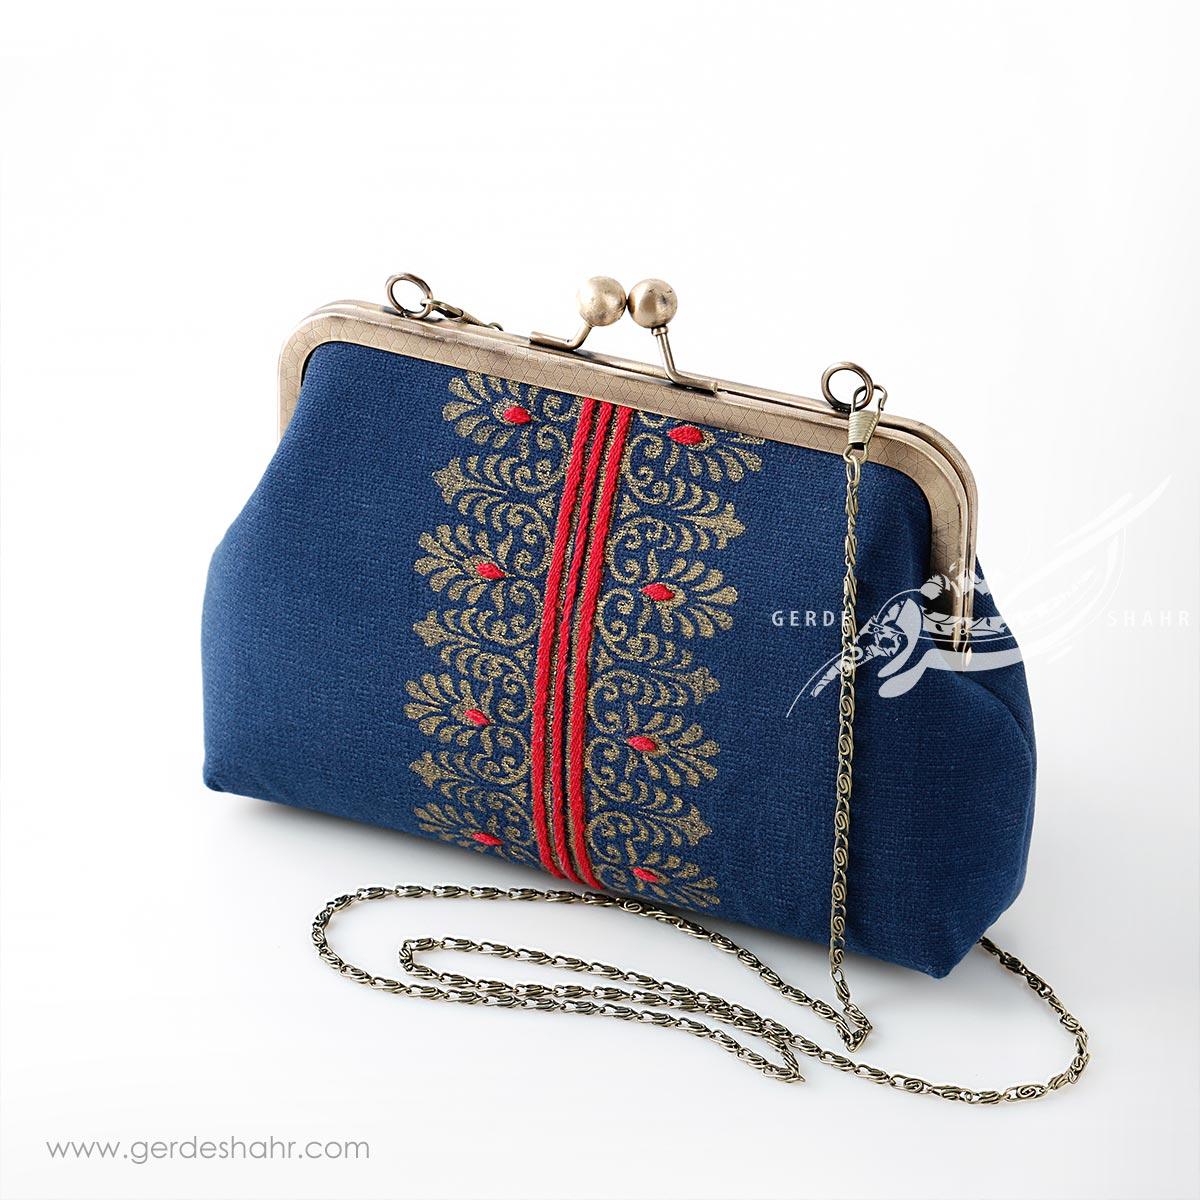 کیف بنددار سورمه ای قلمکار فابیانا راژانه گنجه رخت